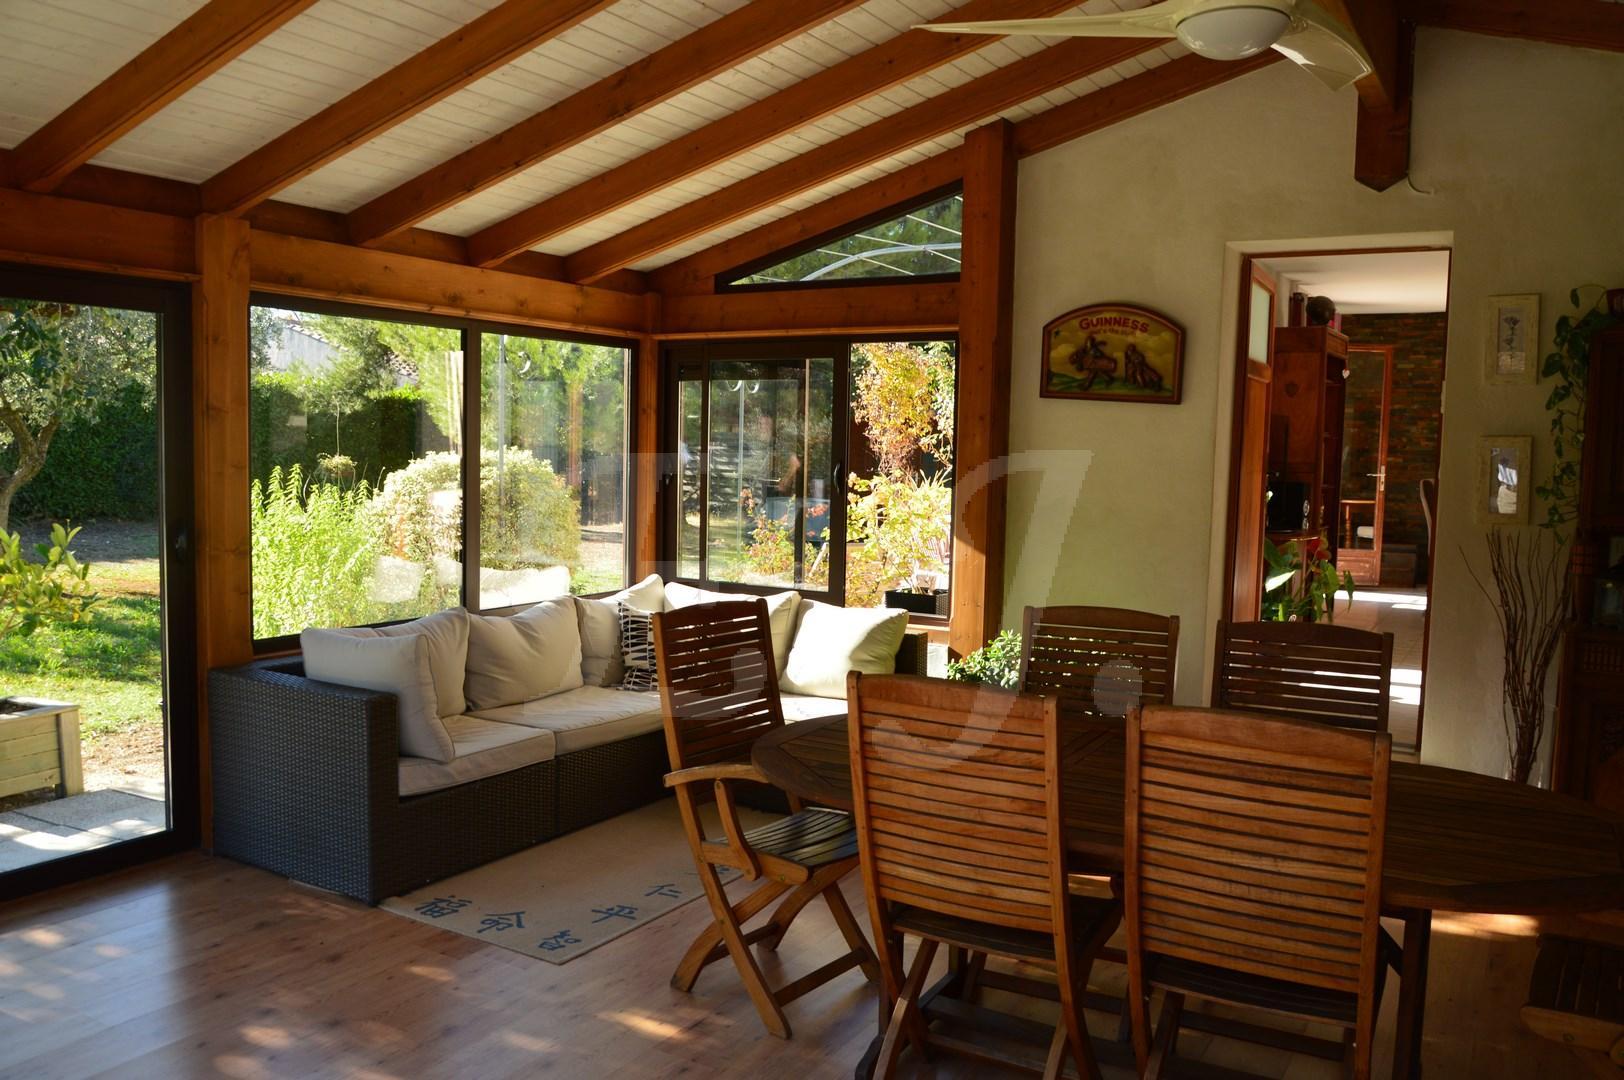 Vente Maison  T5 Cheval Blanc Au calme avec jardin et vue Luberon